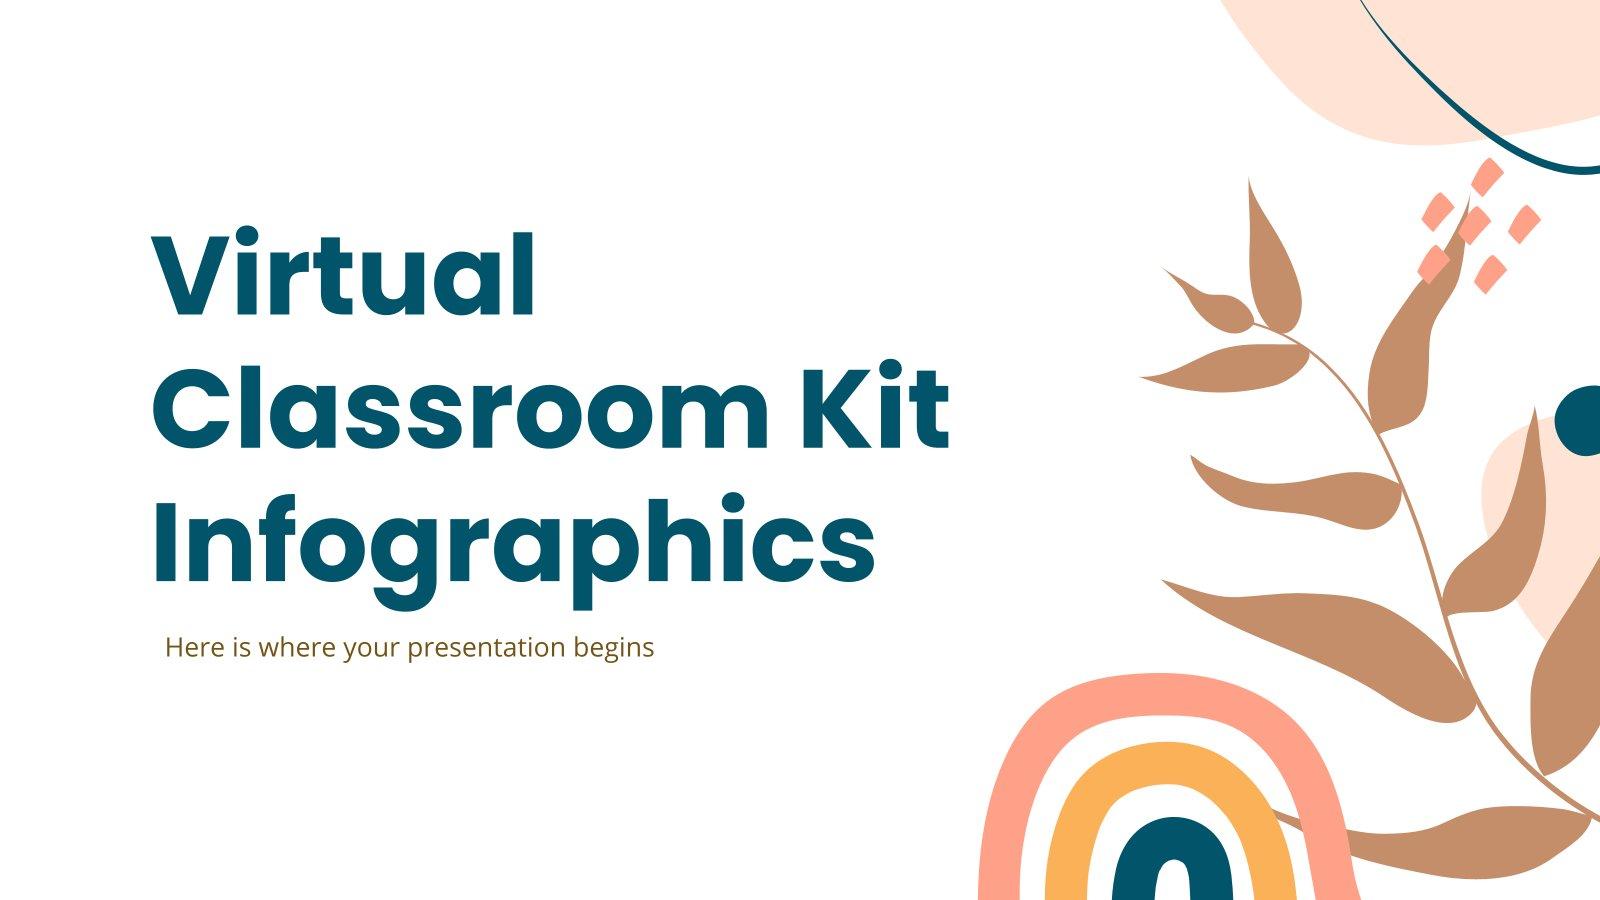 Plantilla de presentación Infografías kit para aula virtual